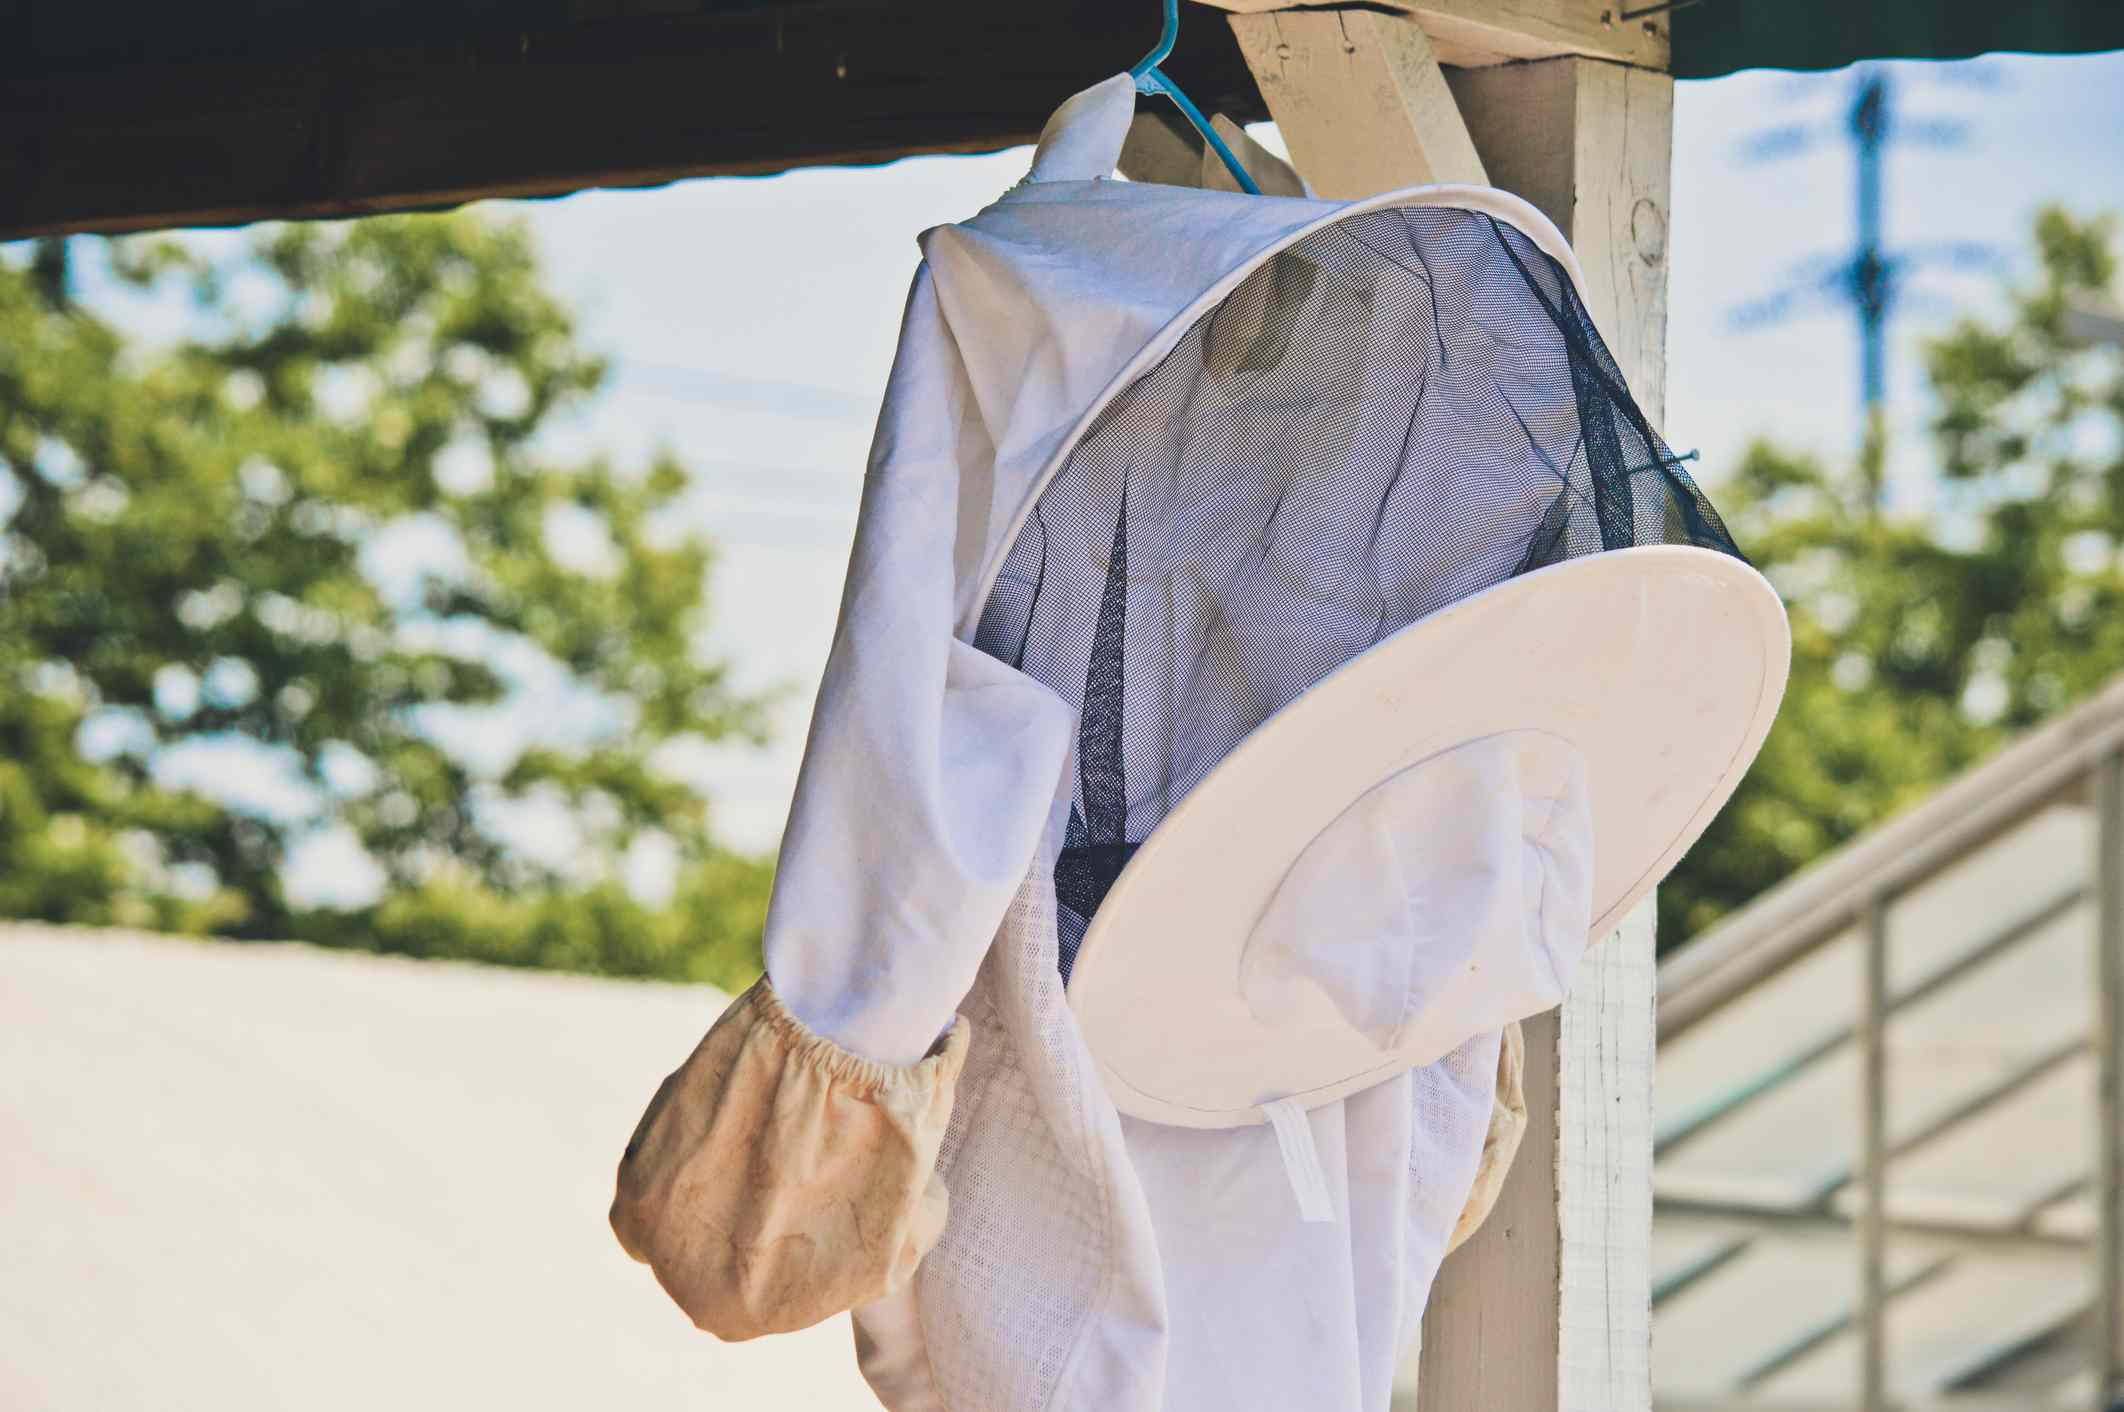 Beekeeper suit hanging outdoors